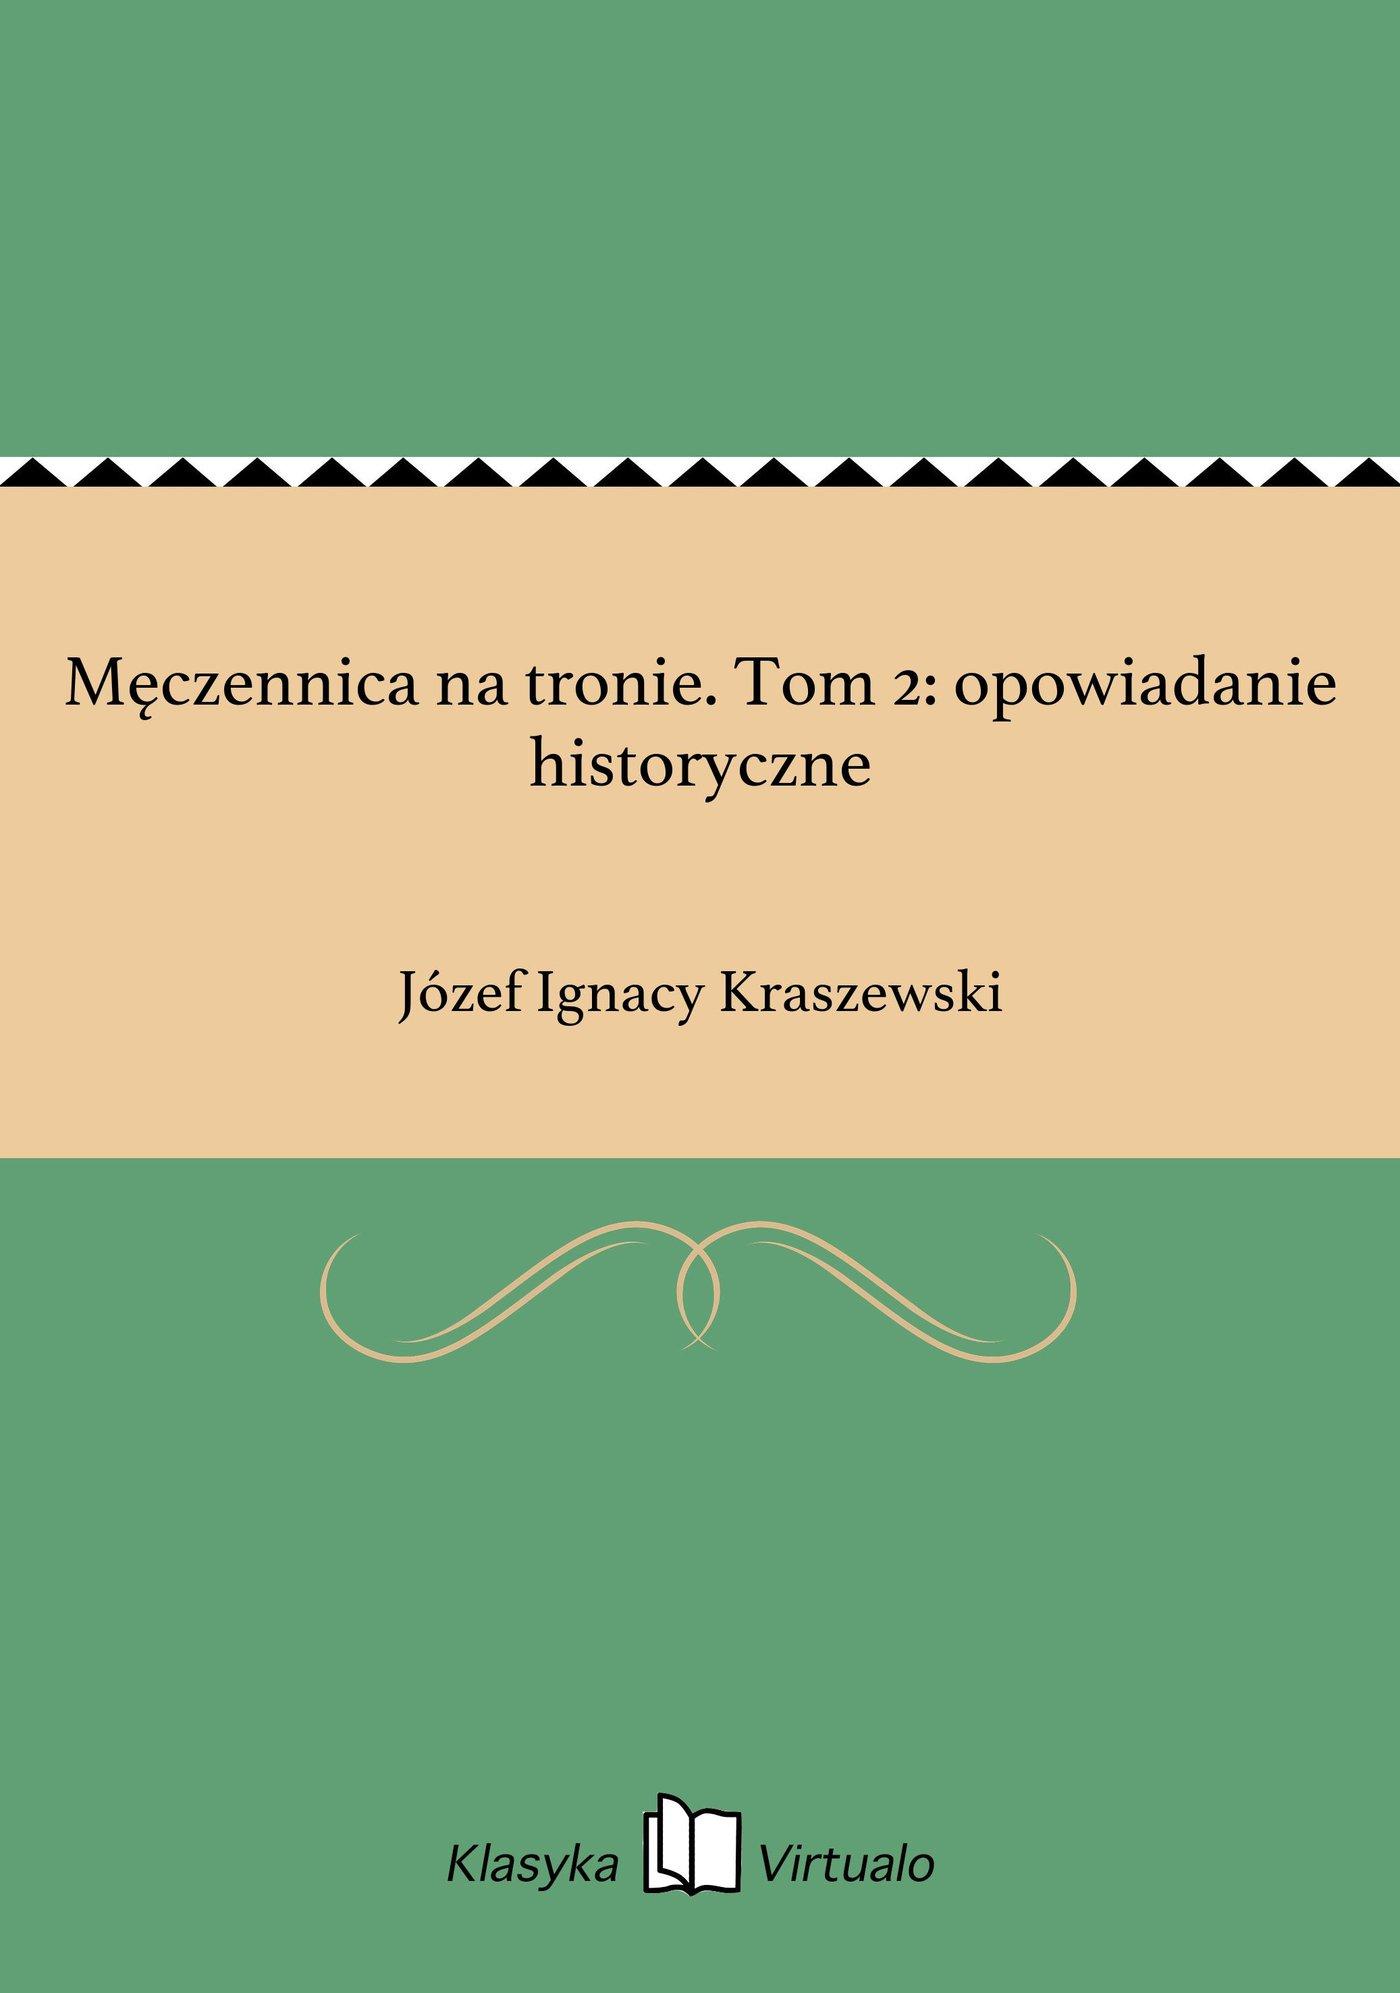 Męczennica na tronie. Tom 2: opowiadanie historyczne - Ebook (Książka EPUB) do pobrania w formacie EPUB